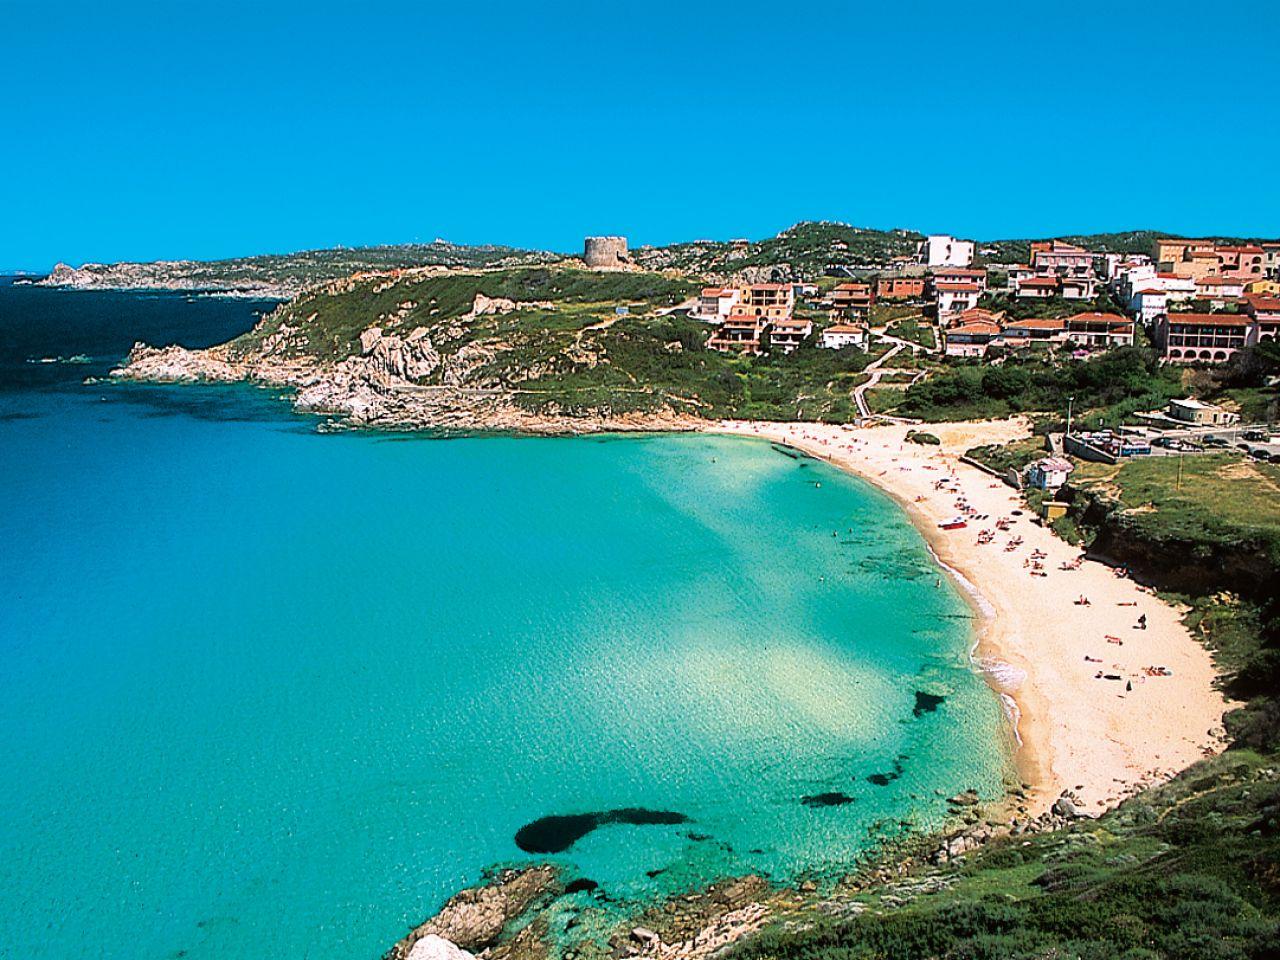 райские местечки с золотисто-белоснежными пляжами